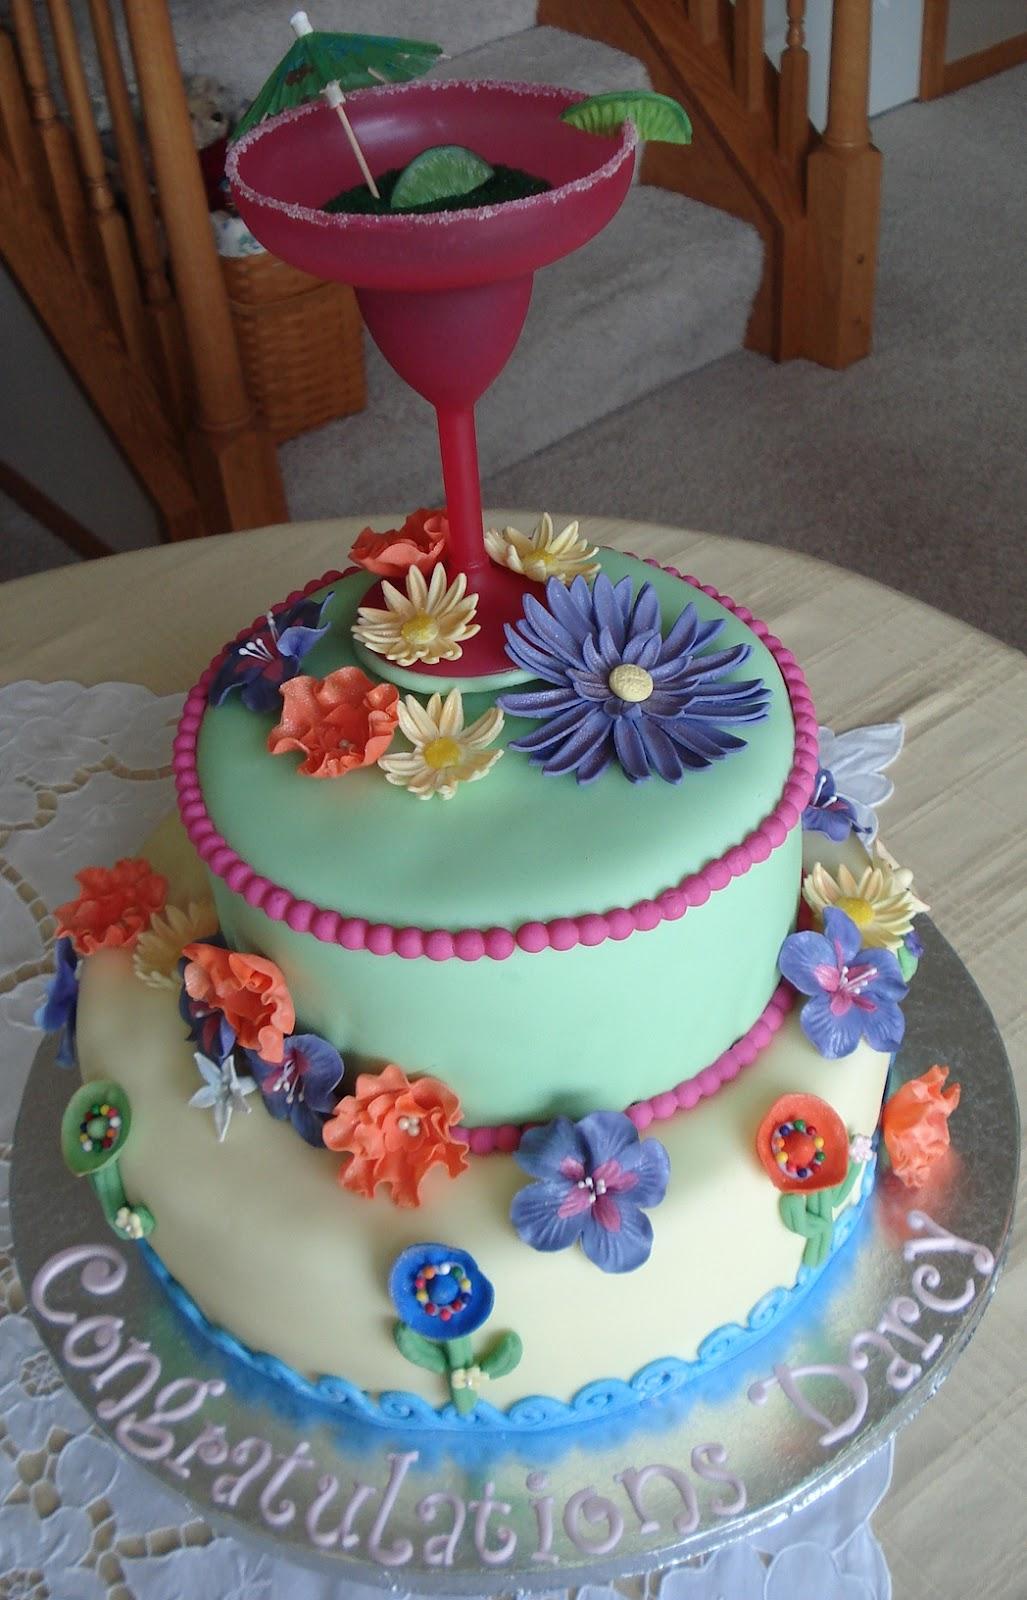 Robins Tweet Cakes July 2012